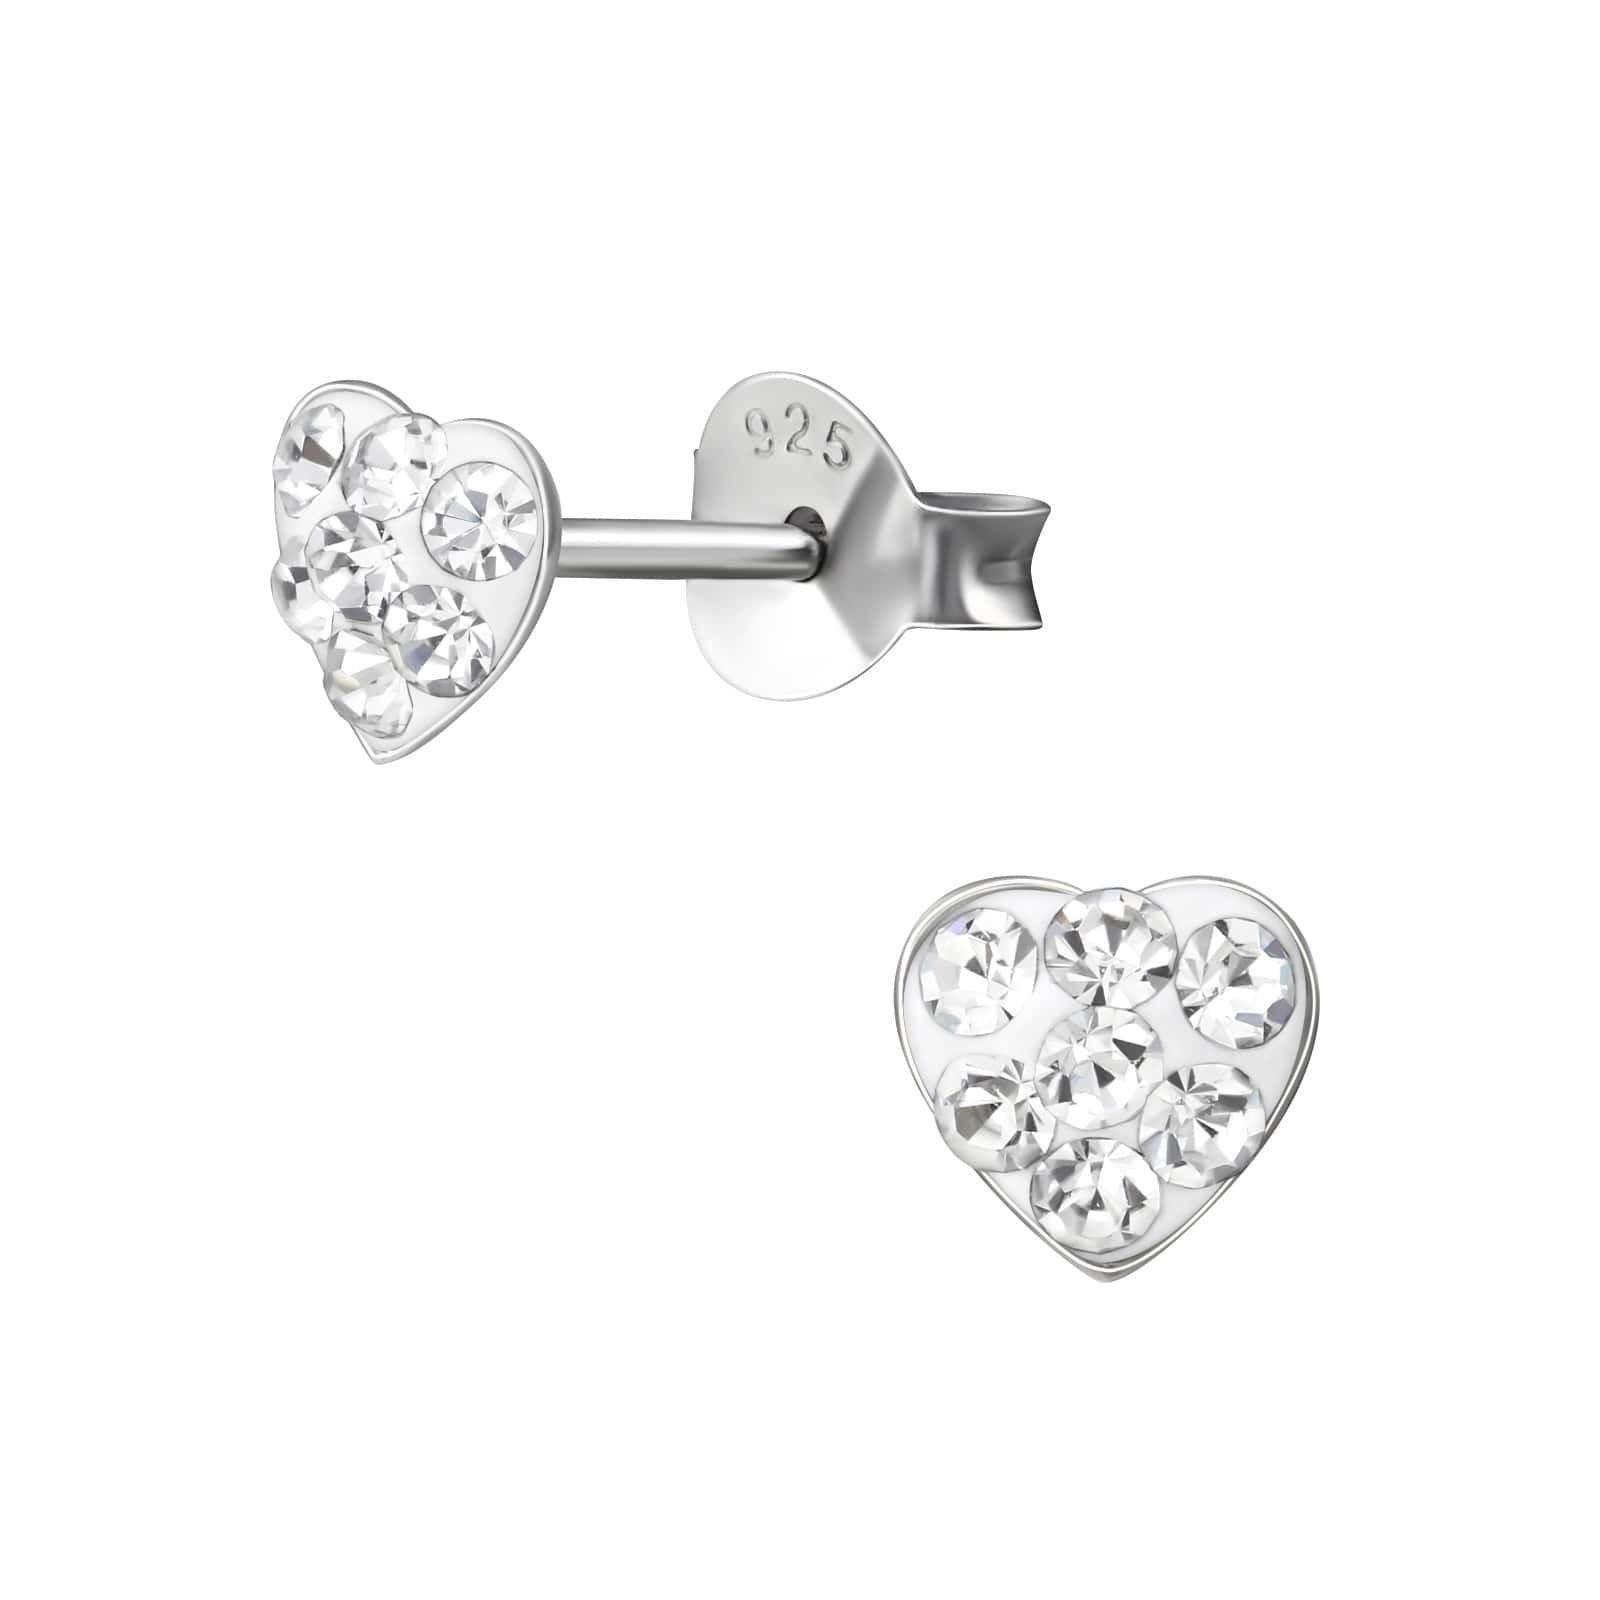 Cercei Inimi cu Cristale din Argint 925